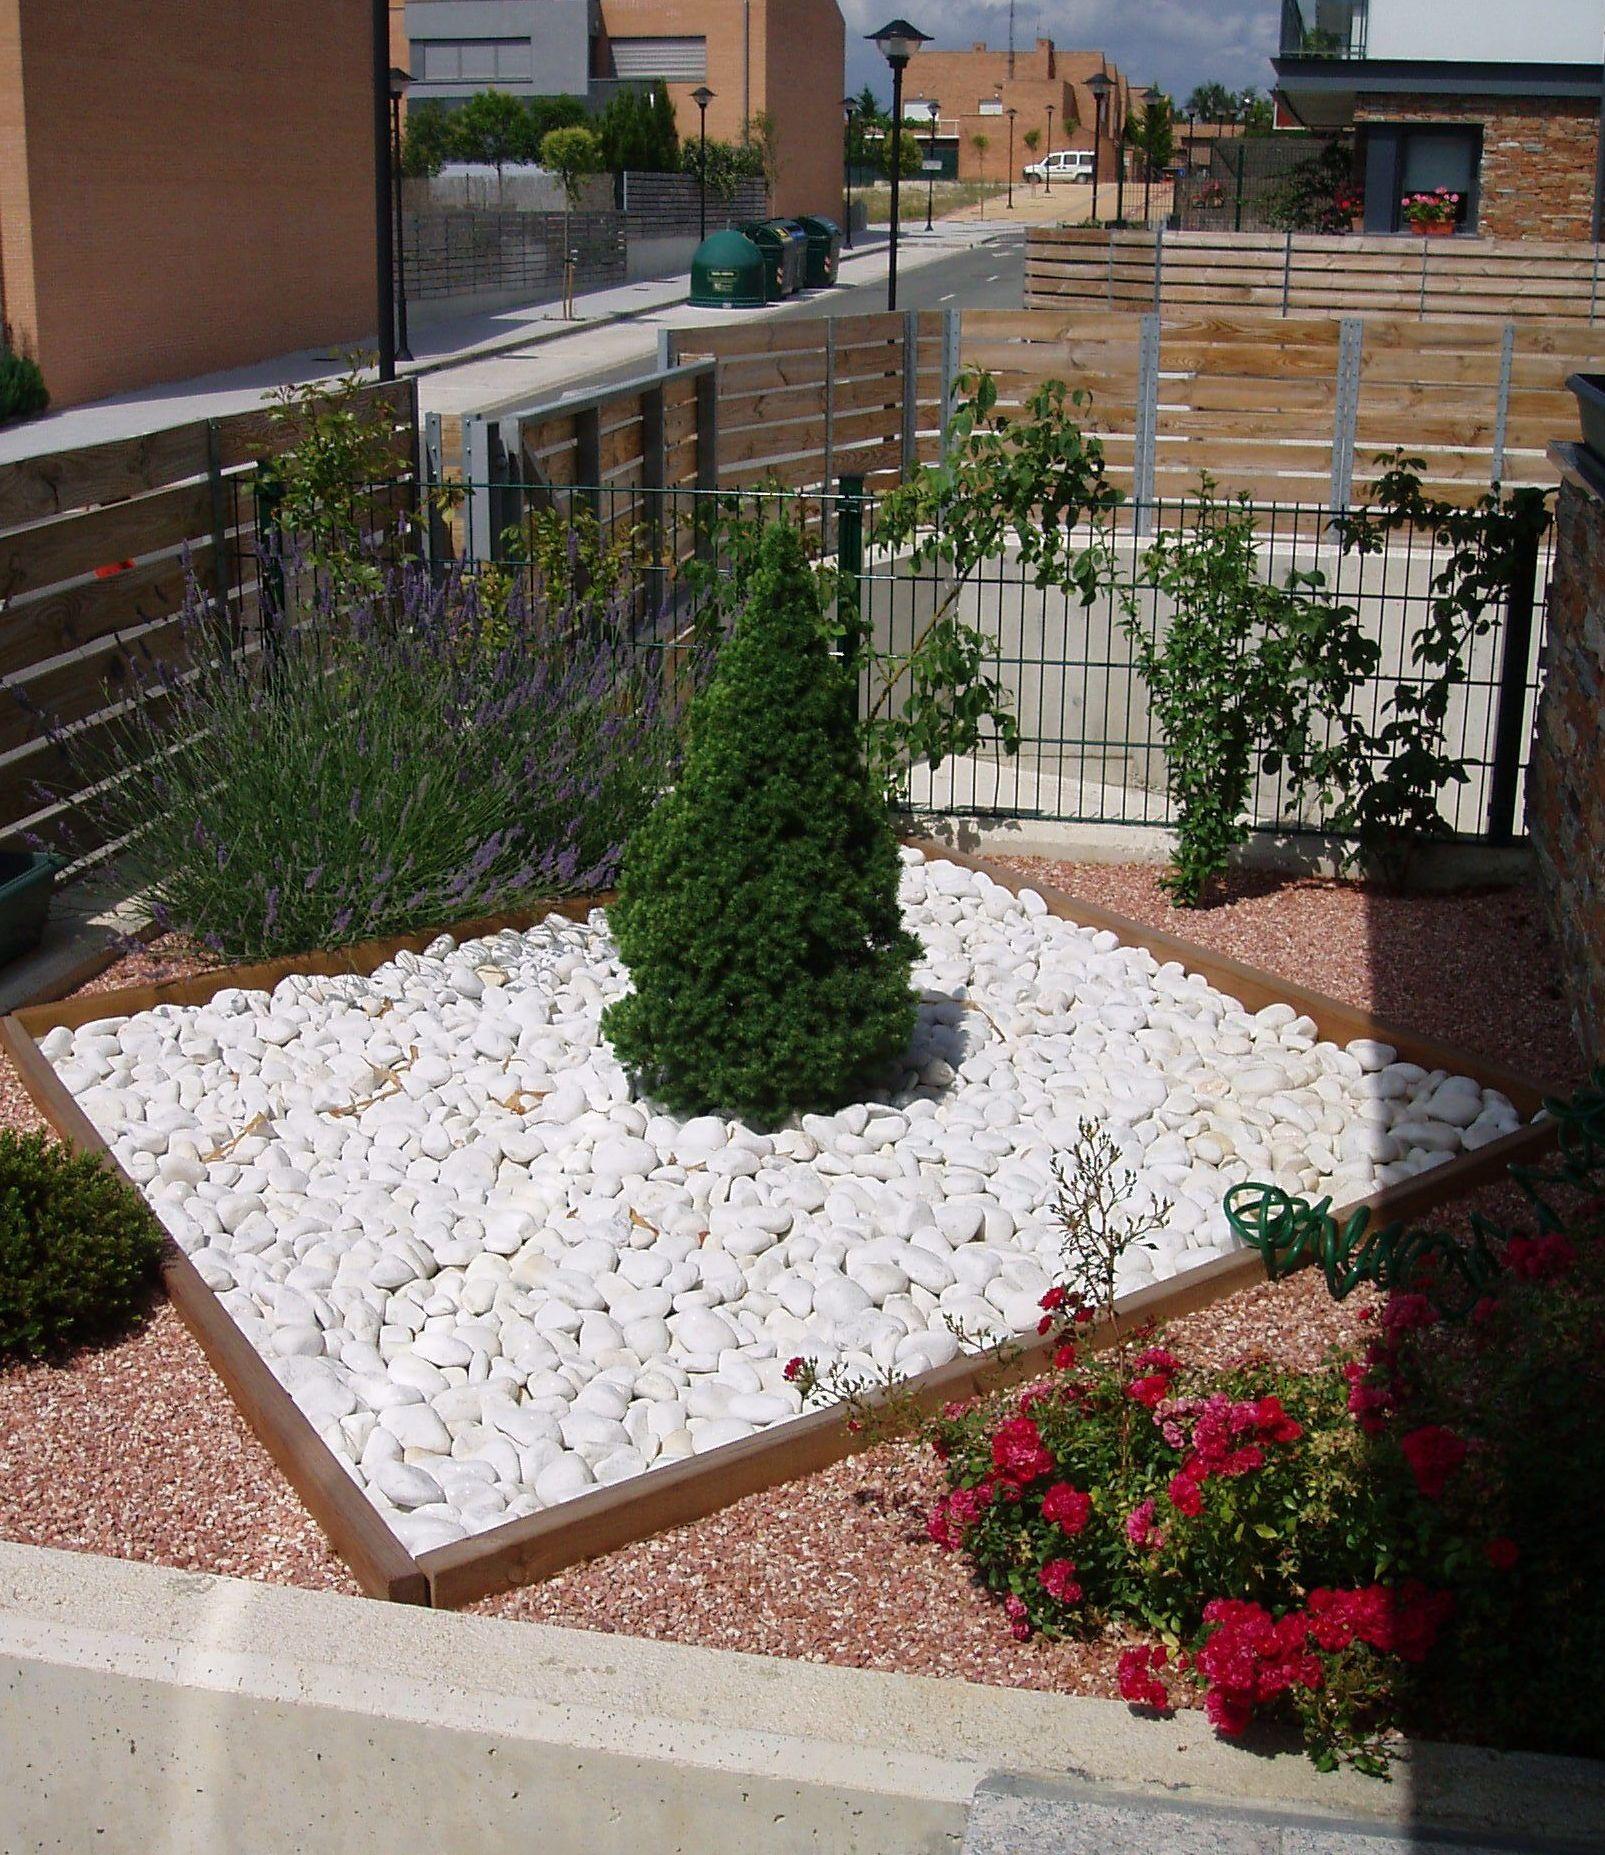 Diseño con aridos y plantaciones